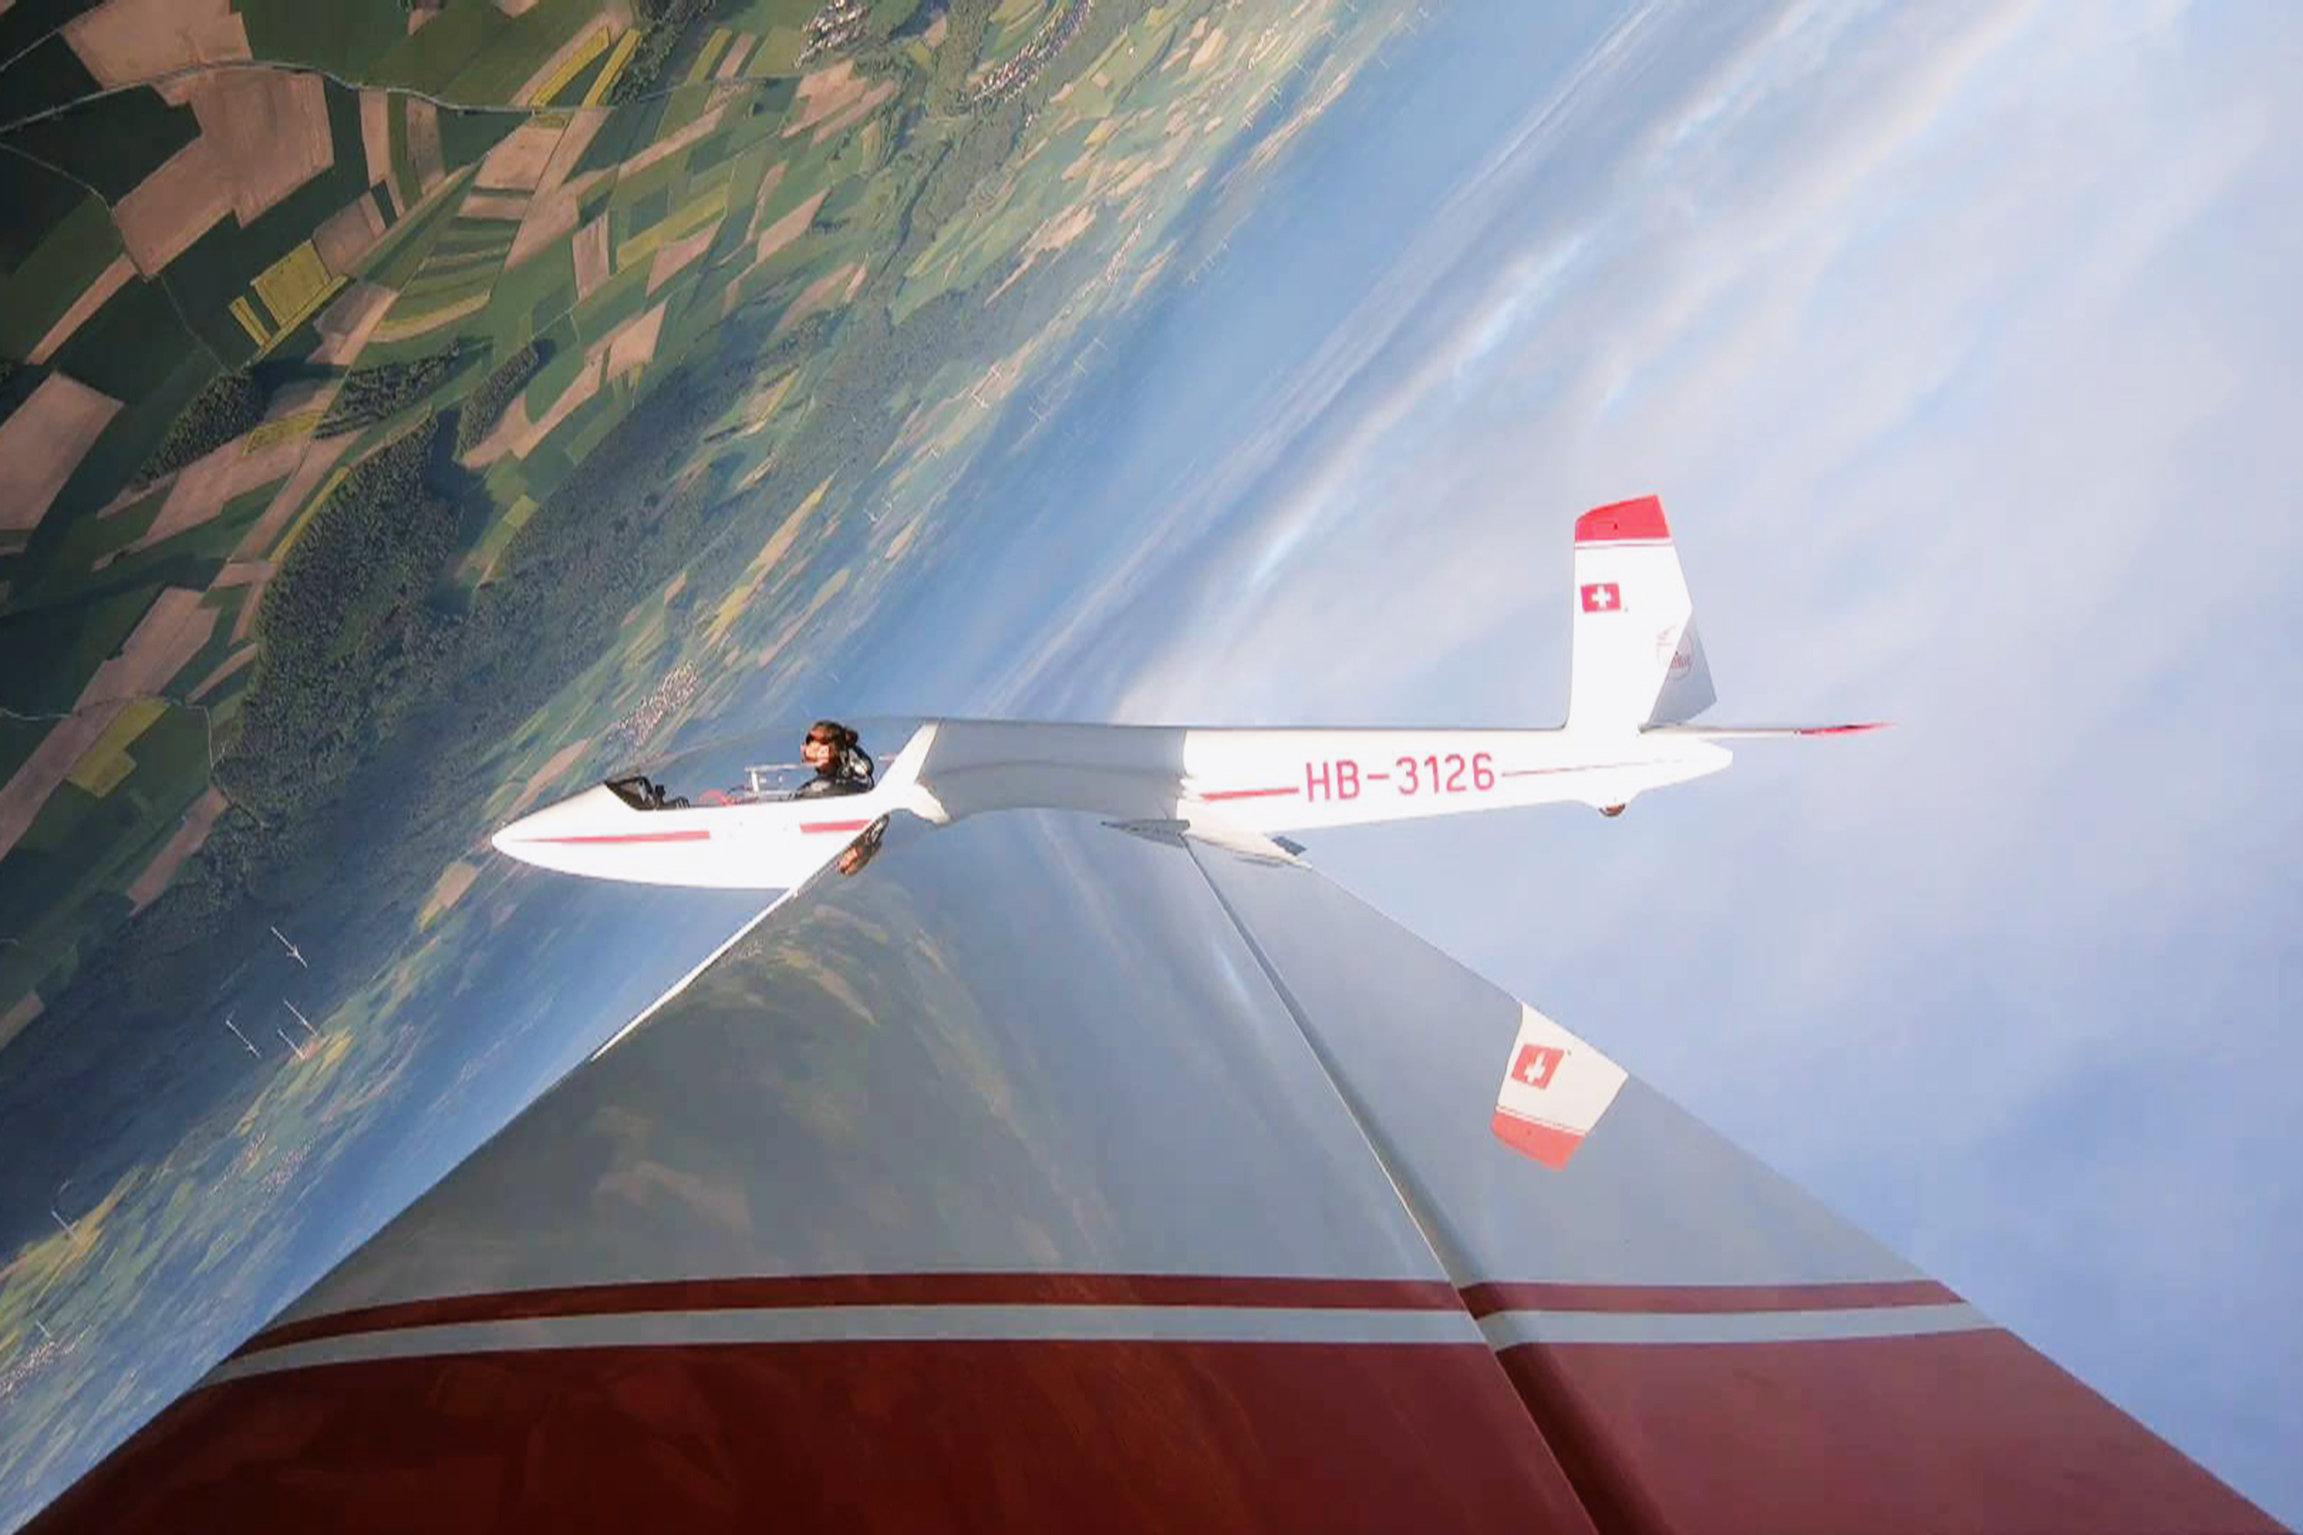 Jonas Langenegger hat einen Weltmeistertitel und will in die höchste Segelkunstflug-Kategorie aufsteigen.